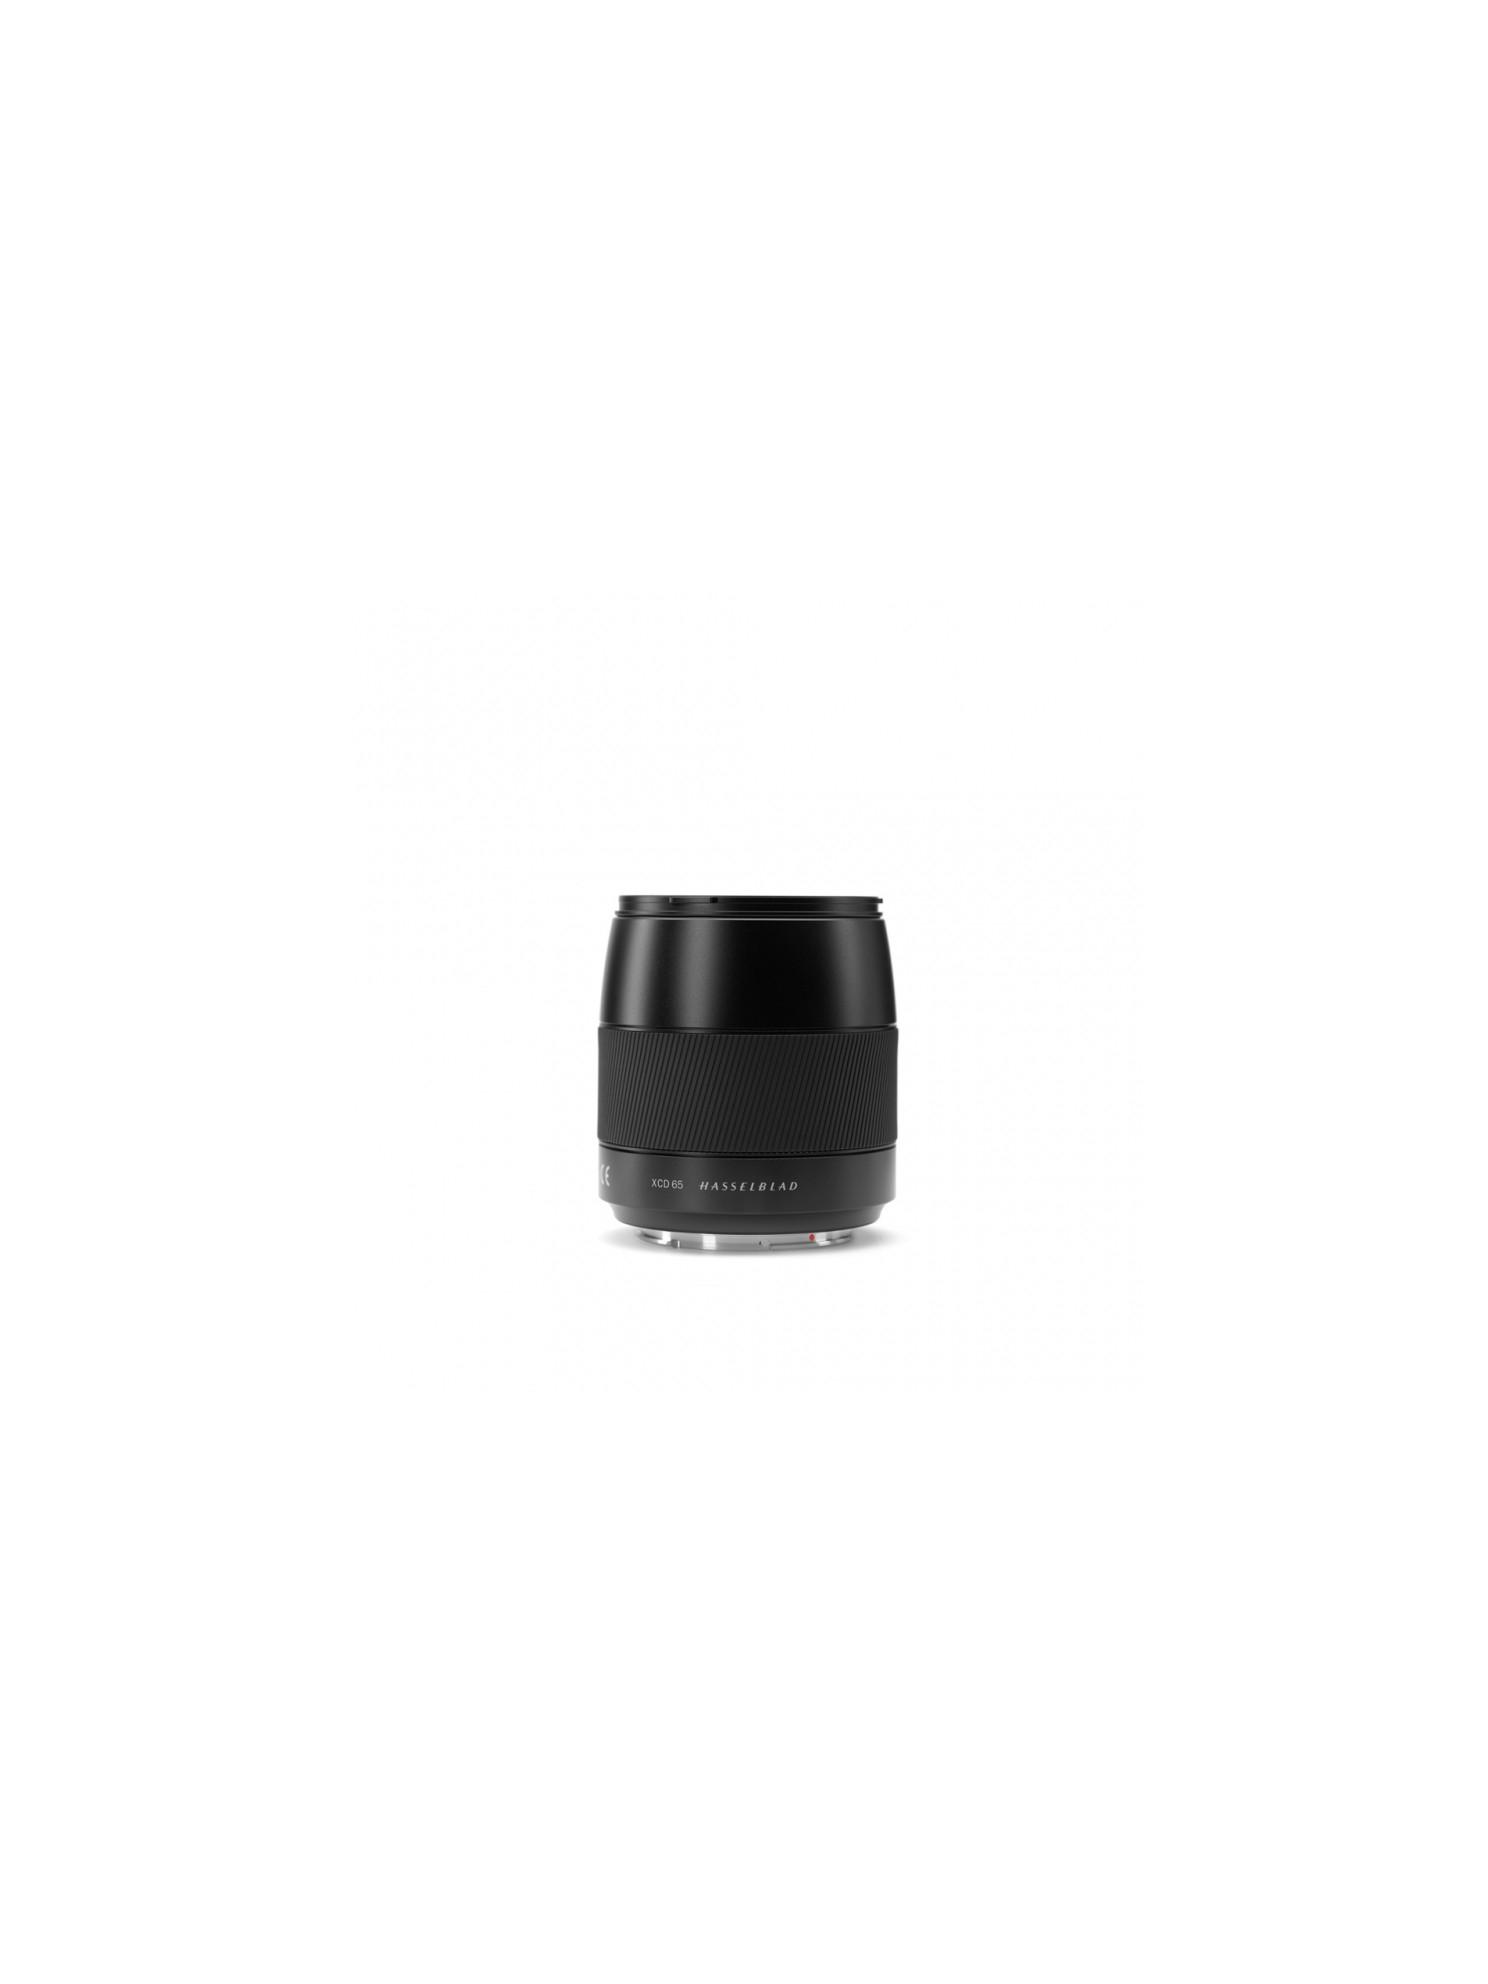 XCD 65mm f/2